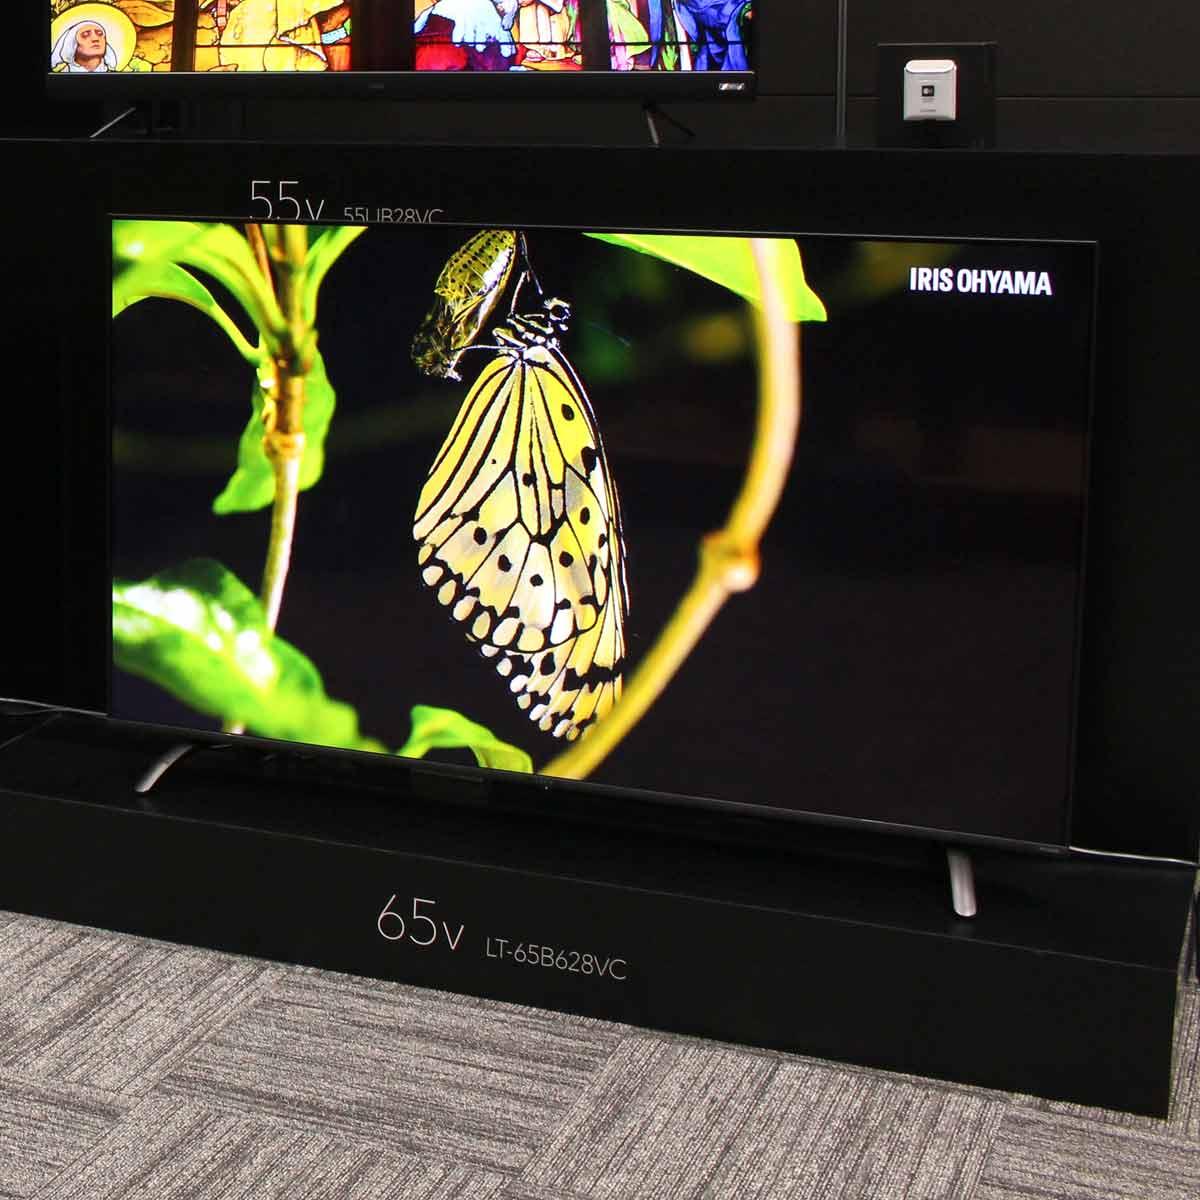 アイリスオーヤマ、Wi-Fiや難しい設定なしでカンタン音声操作できる4K対応液晶テレビ